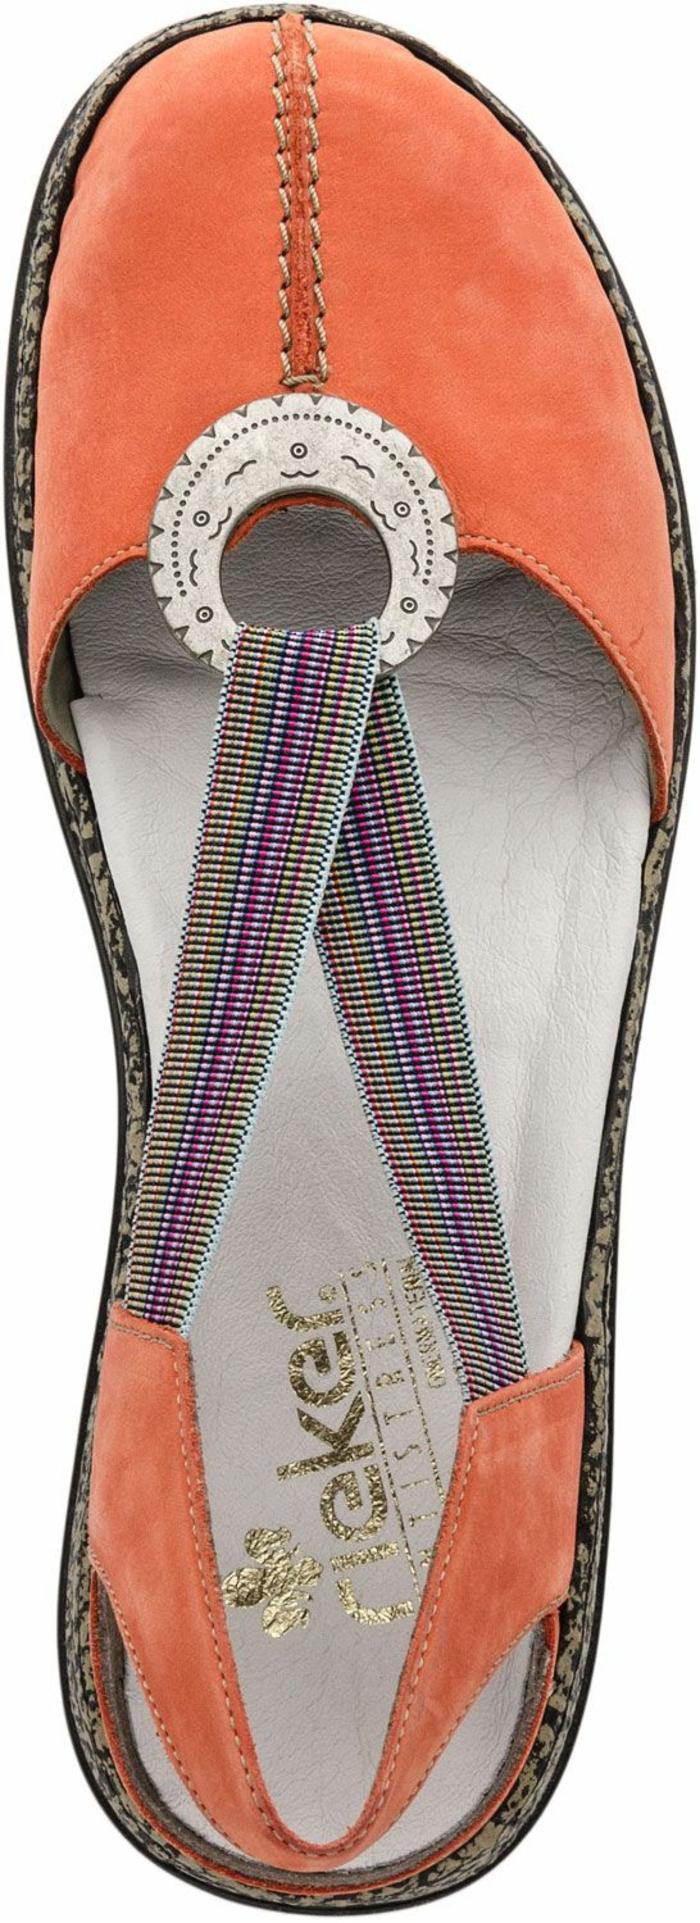 sandale femme en couleur melon avec élément rond décoratif de style ethnique